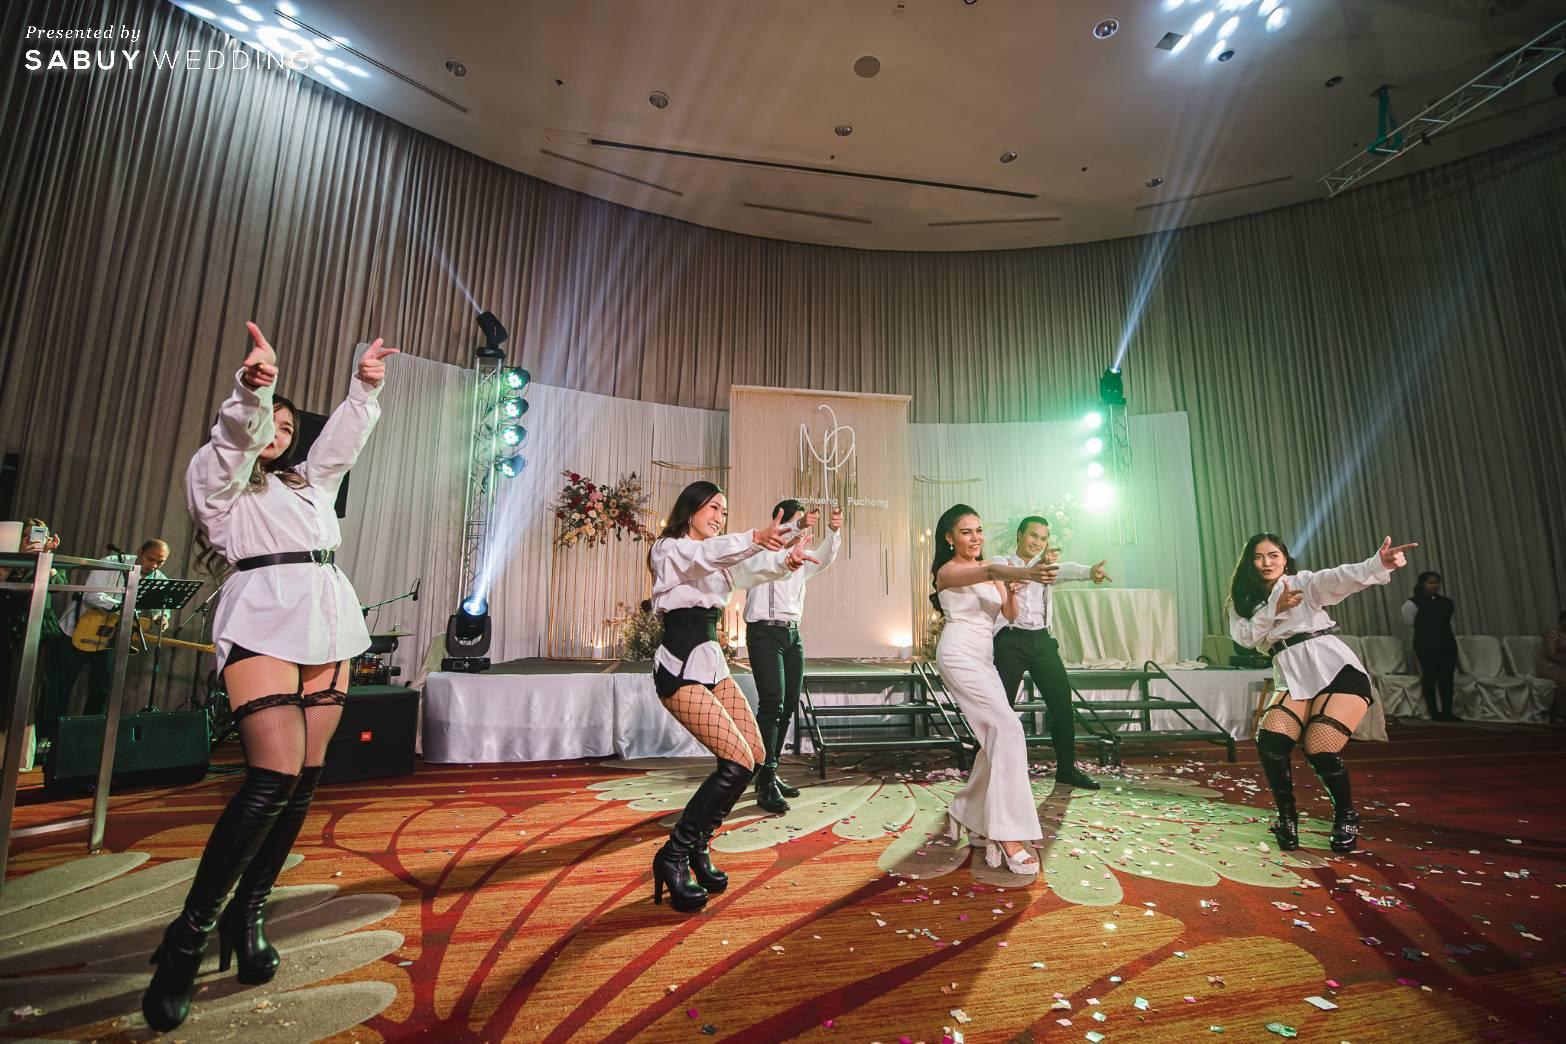 backdrop, ชุดเจ้าสาว, สถานที่จัดงานแต่งงาน รีวิวงานแต่งสุดประทับใจ เซอร์ไพรส์ After Party ด้วยเพลงยอดฮิต @ Bangkok Marriott Hotel Sukhumvit